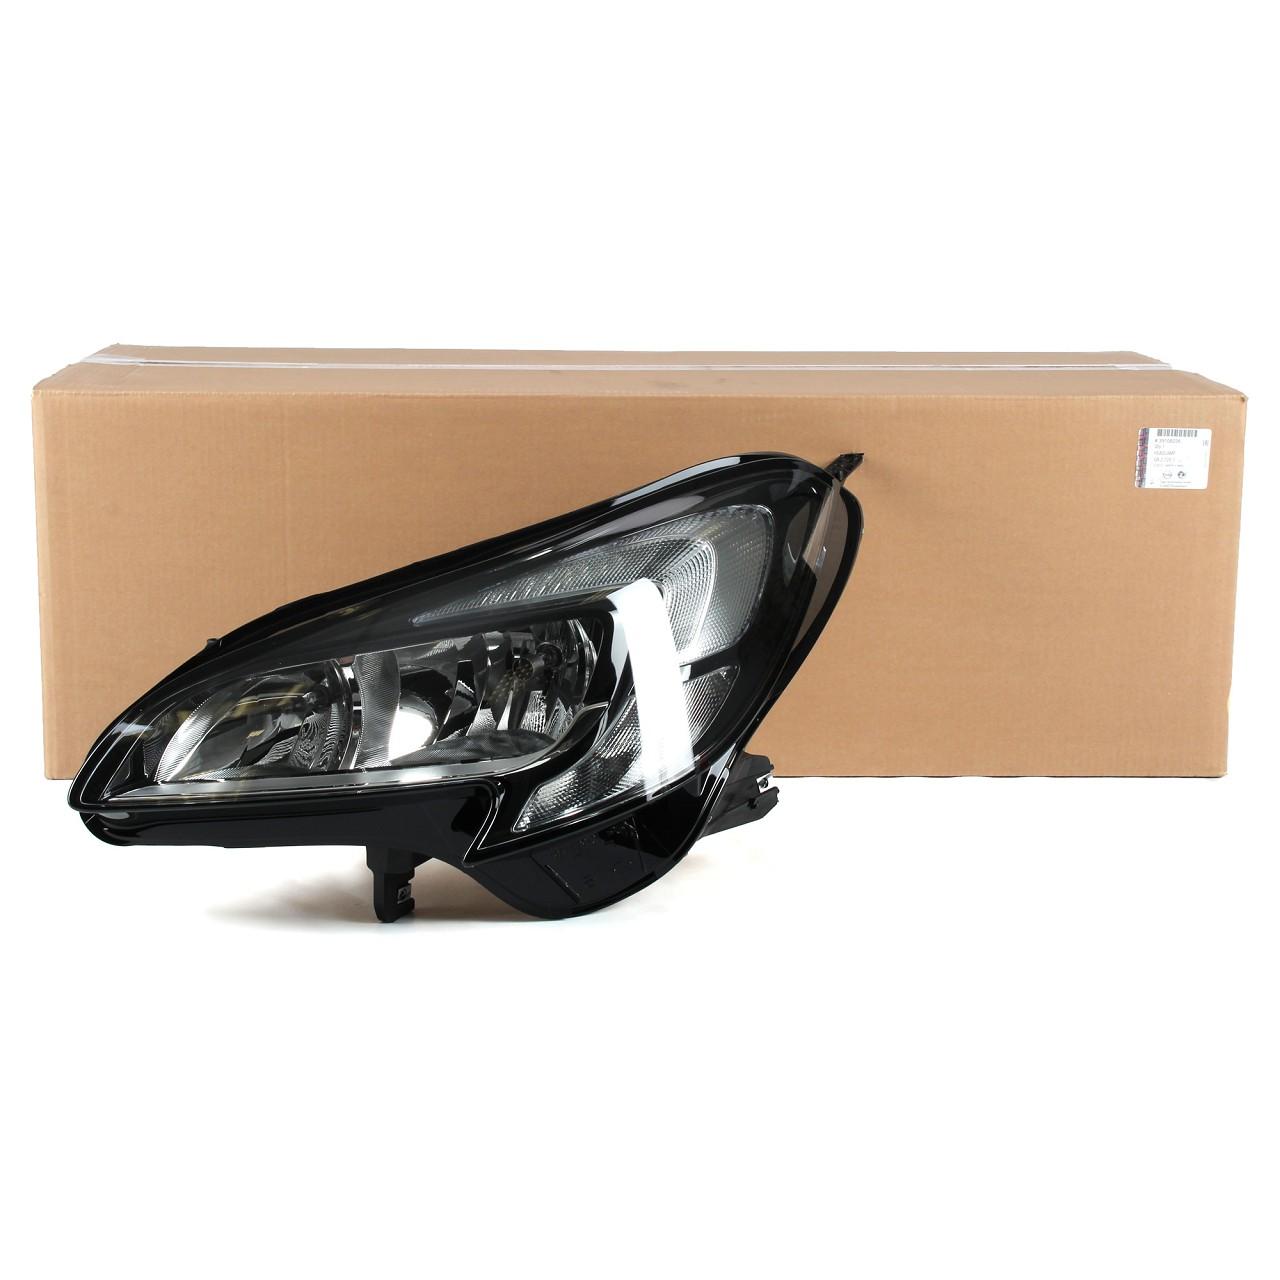 ORIGINAL Opel Scheinwerfer Frontscheinwerfer HALOGEN für CORSA E links 39108226